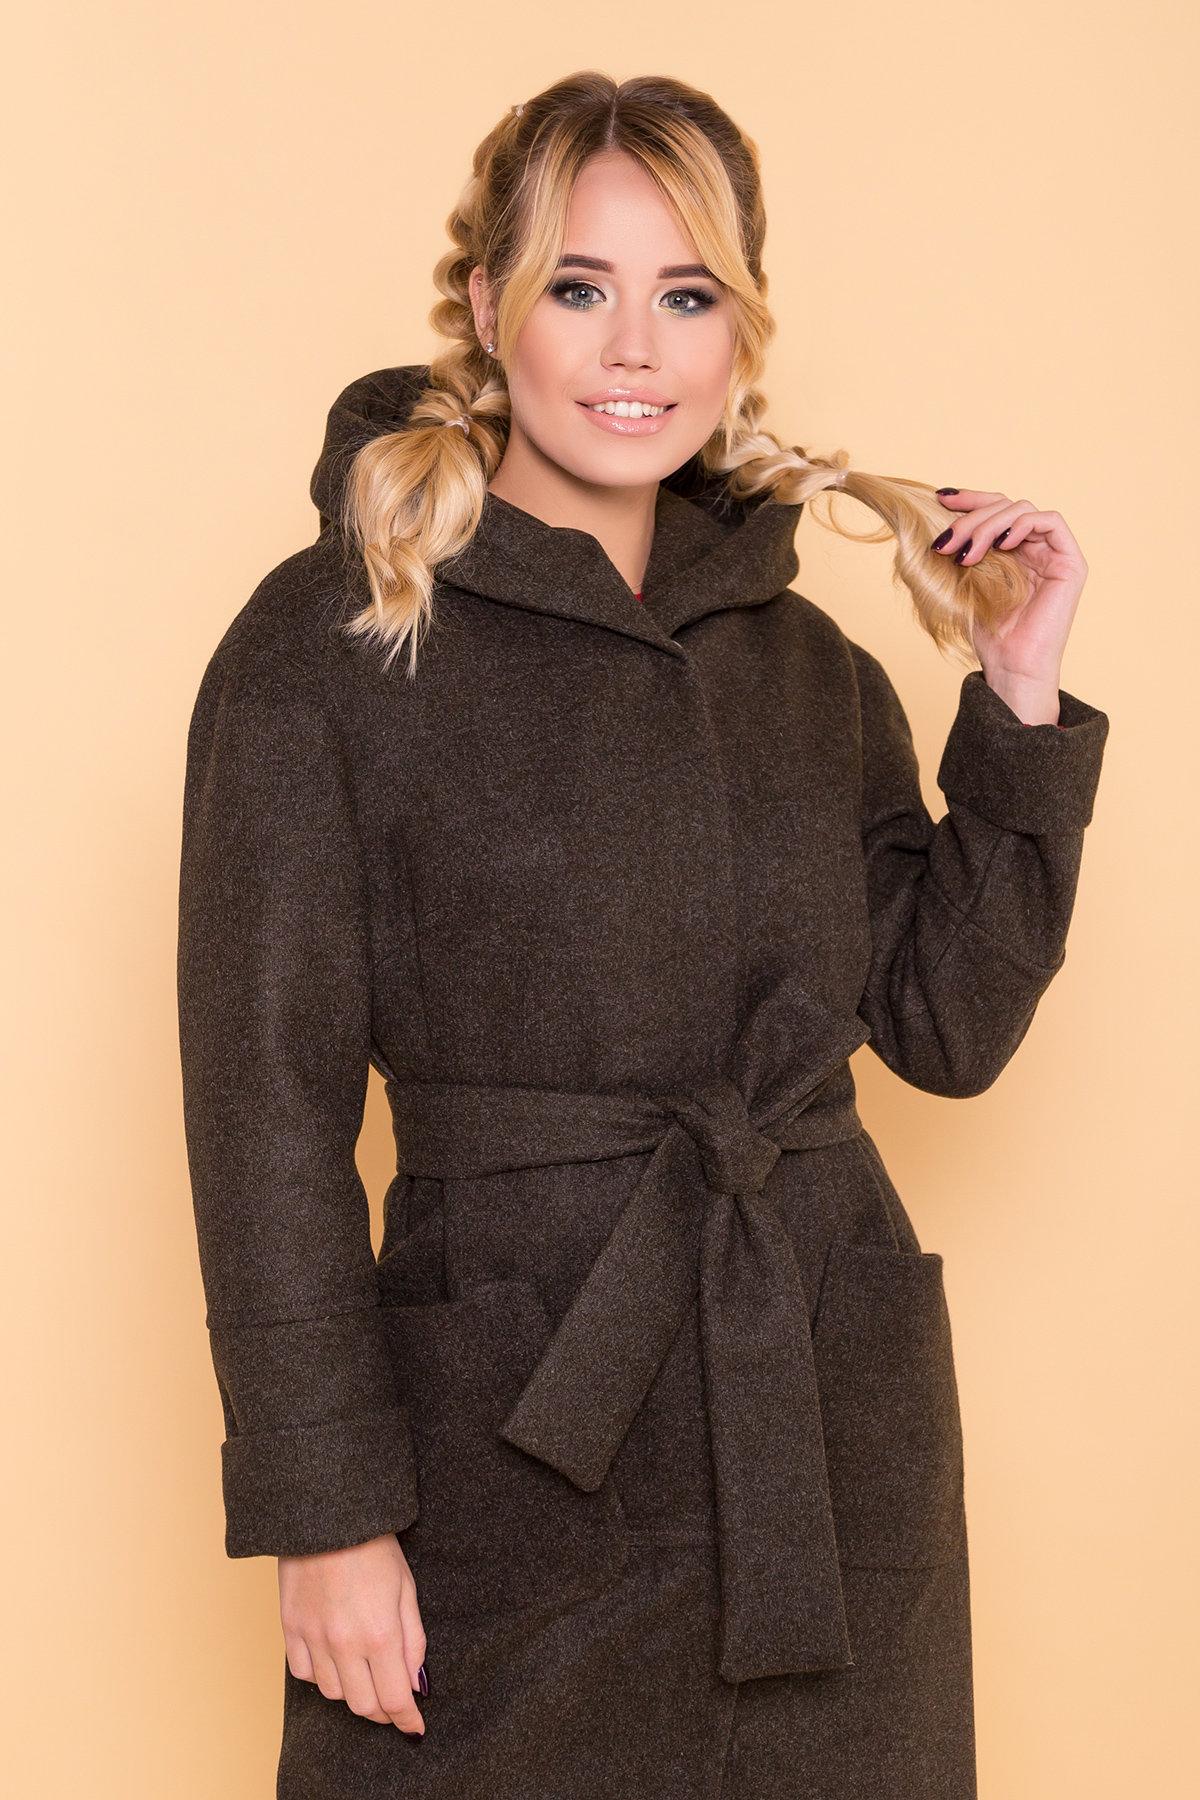 Теплое зимнее пальто Анита 4122 АРТ. 39666 Цвет: Хаки 16 - фото 5, интернет магазин tm-modus.ru